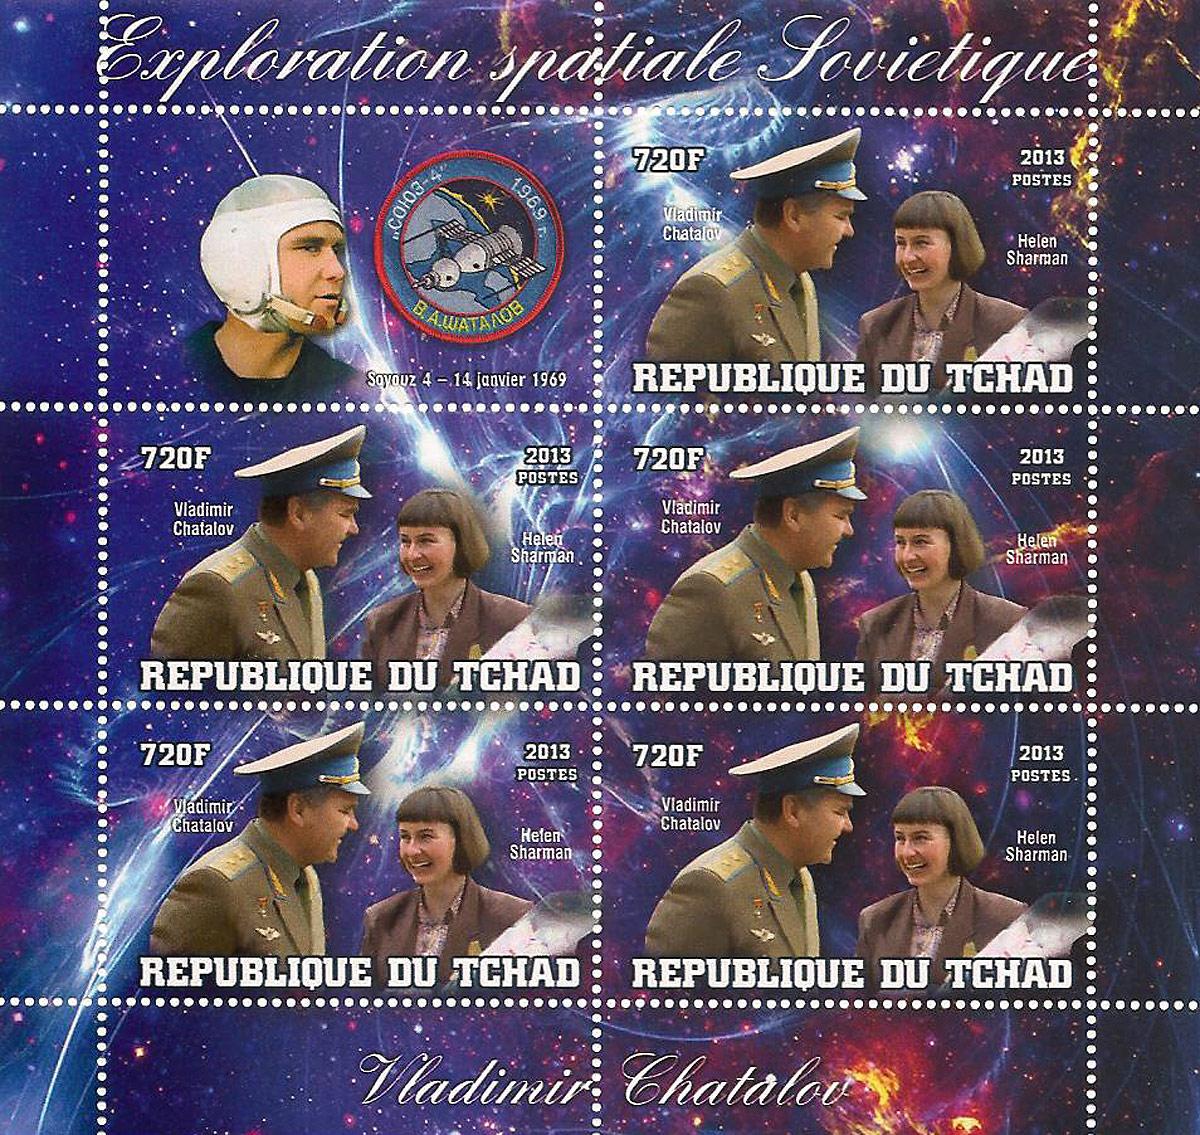 Малый лист Владимир Шаталов и Хелен Шармен из серии Советские космические исследования. Чад, 2013 год малый лист слоны чад 2013 год